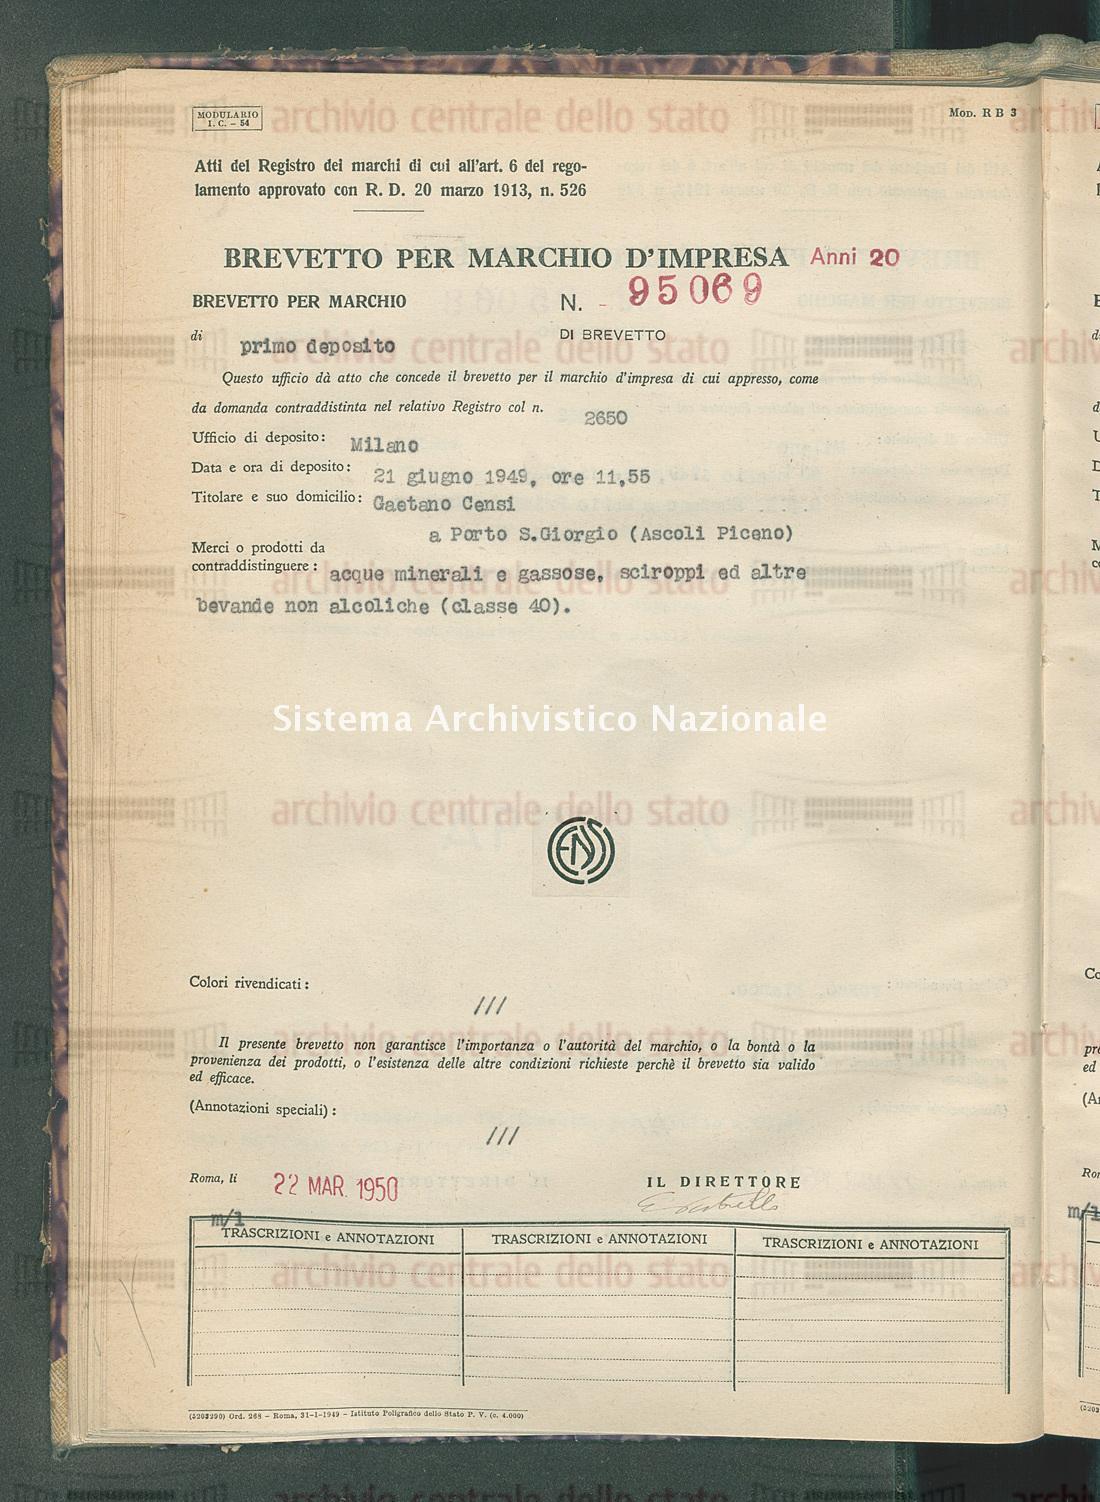 Acque minerali e gassose, ecc. Gaetano Censi (22/03/1950)